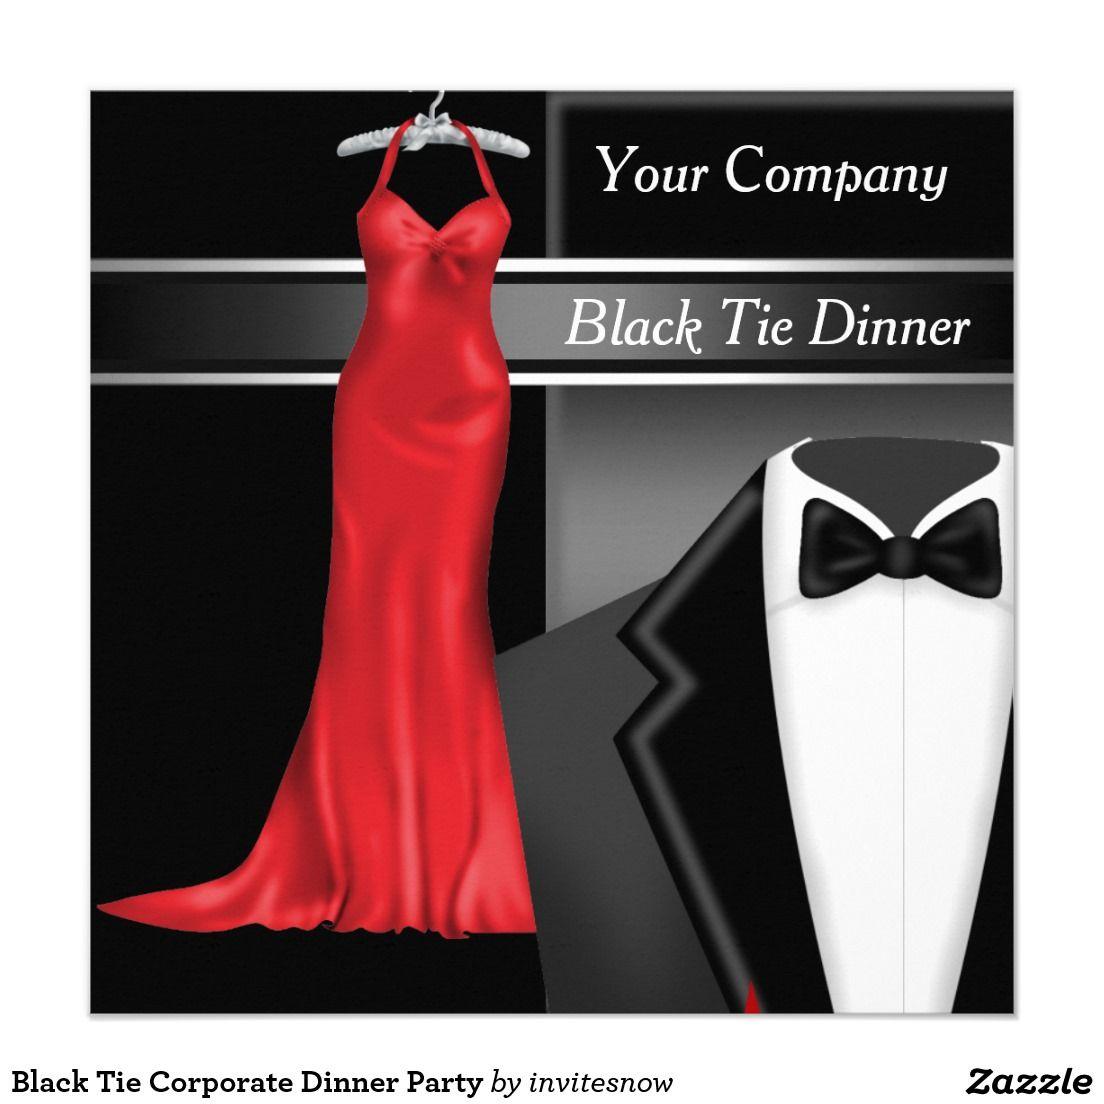 Black Tie Corporate Dinner Party Invitation   Zazzle.com ...